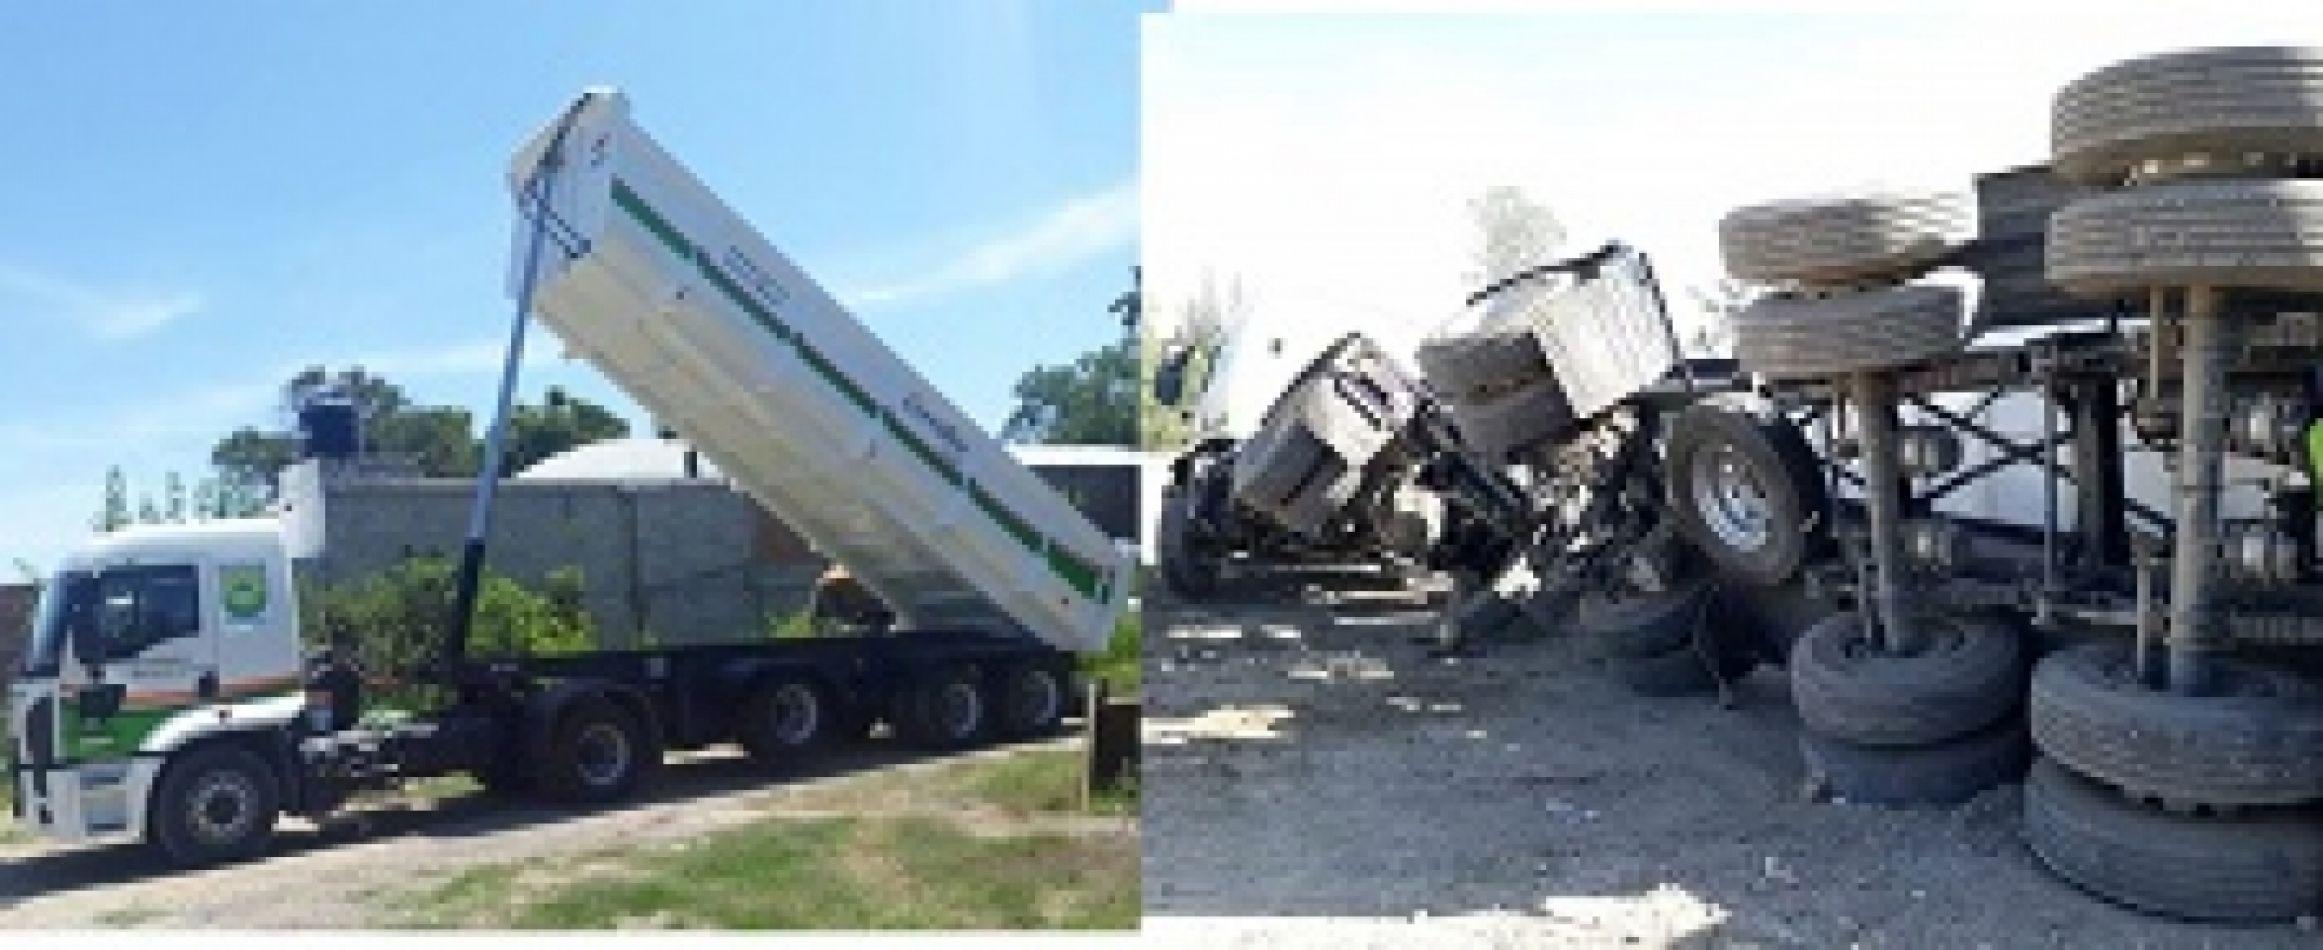 Un empleado municipal de Cerrillos volcó tres vehículos de gran porte, piden sanciones